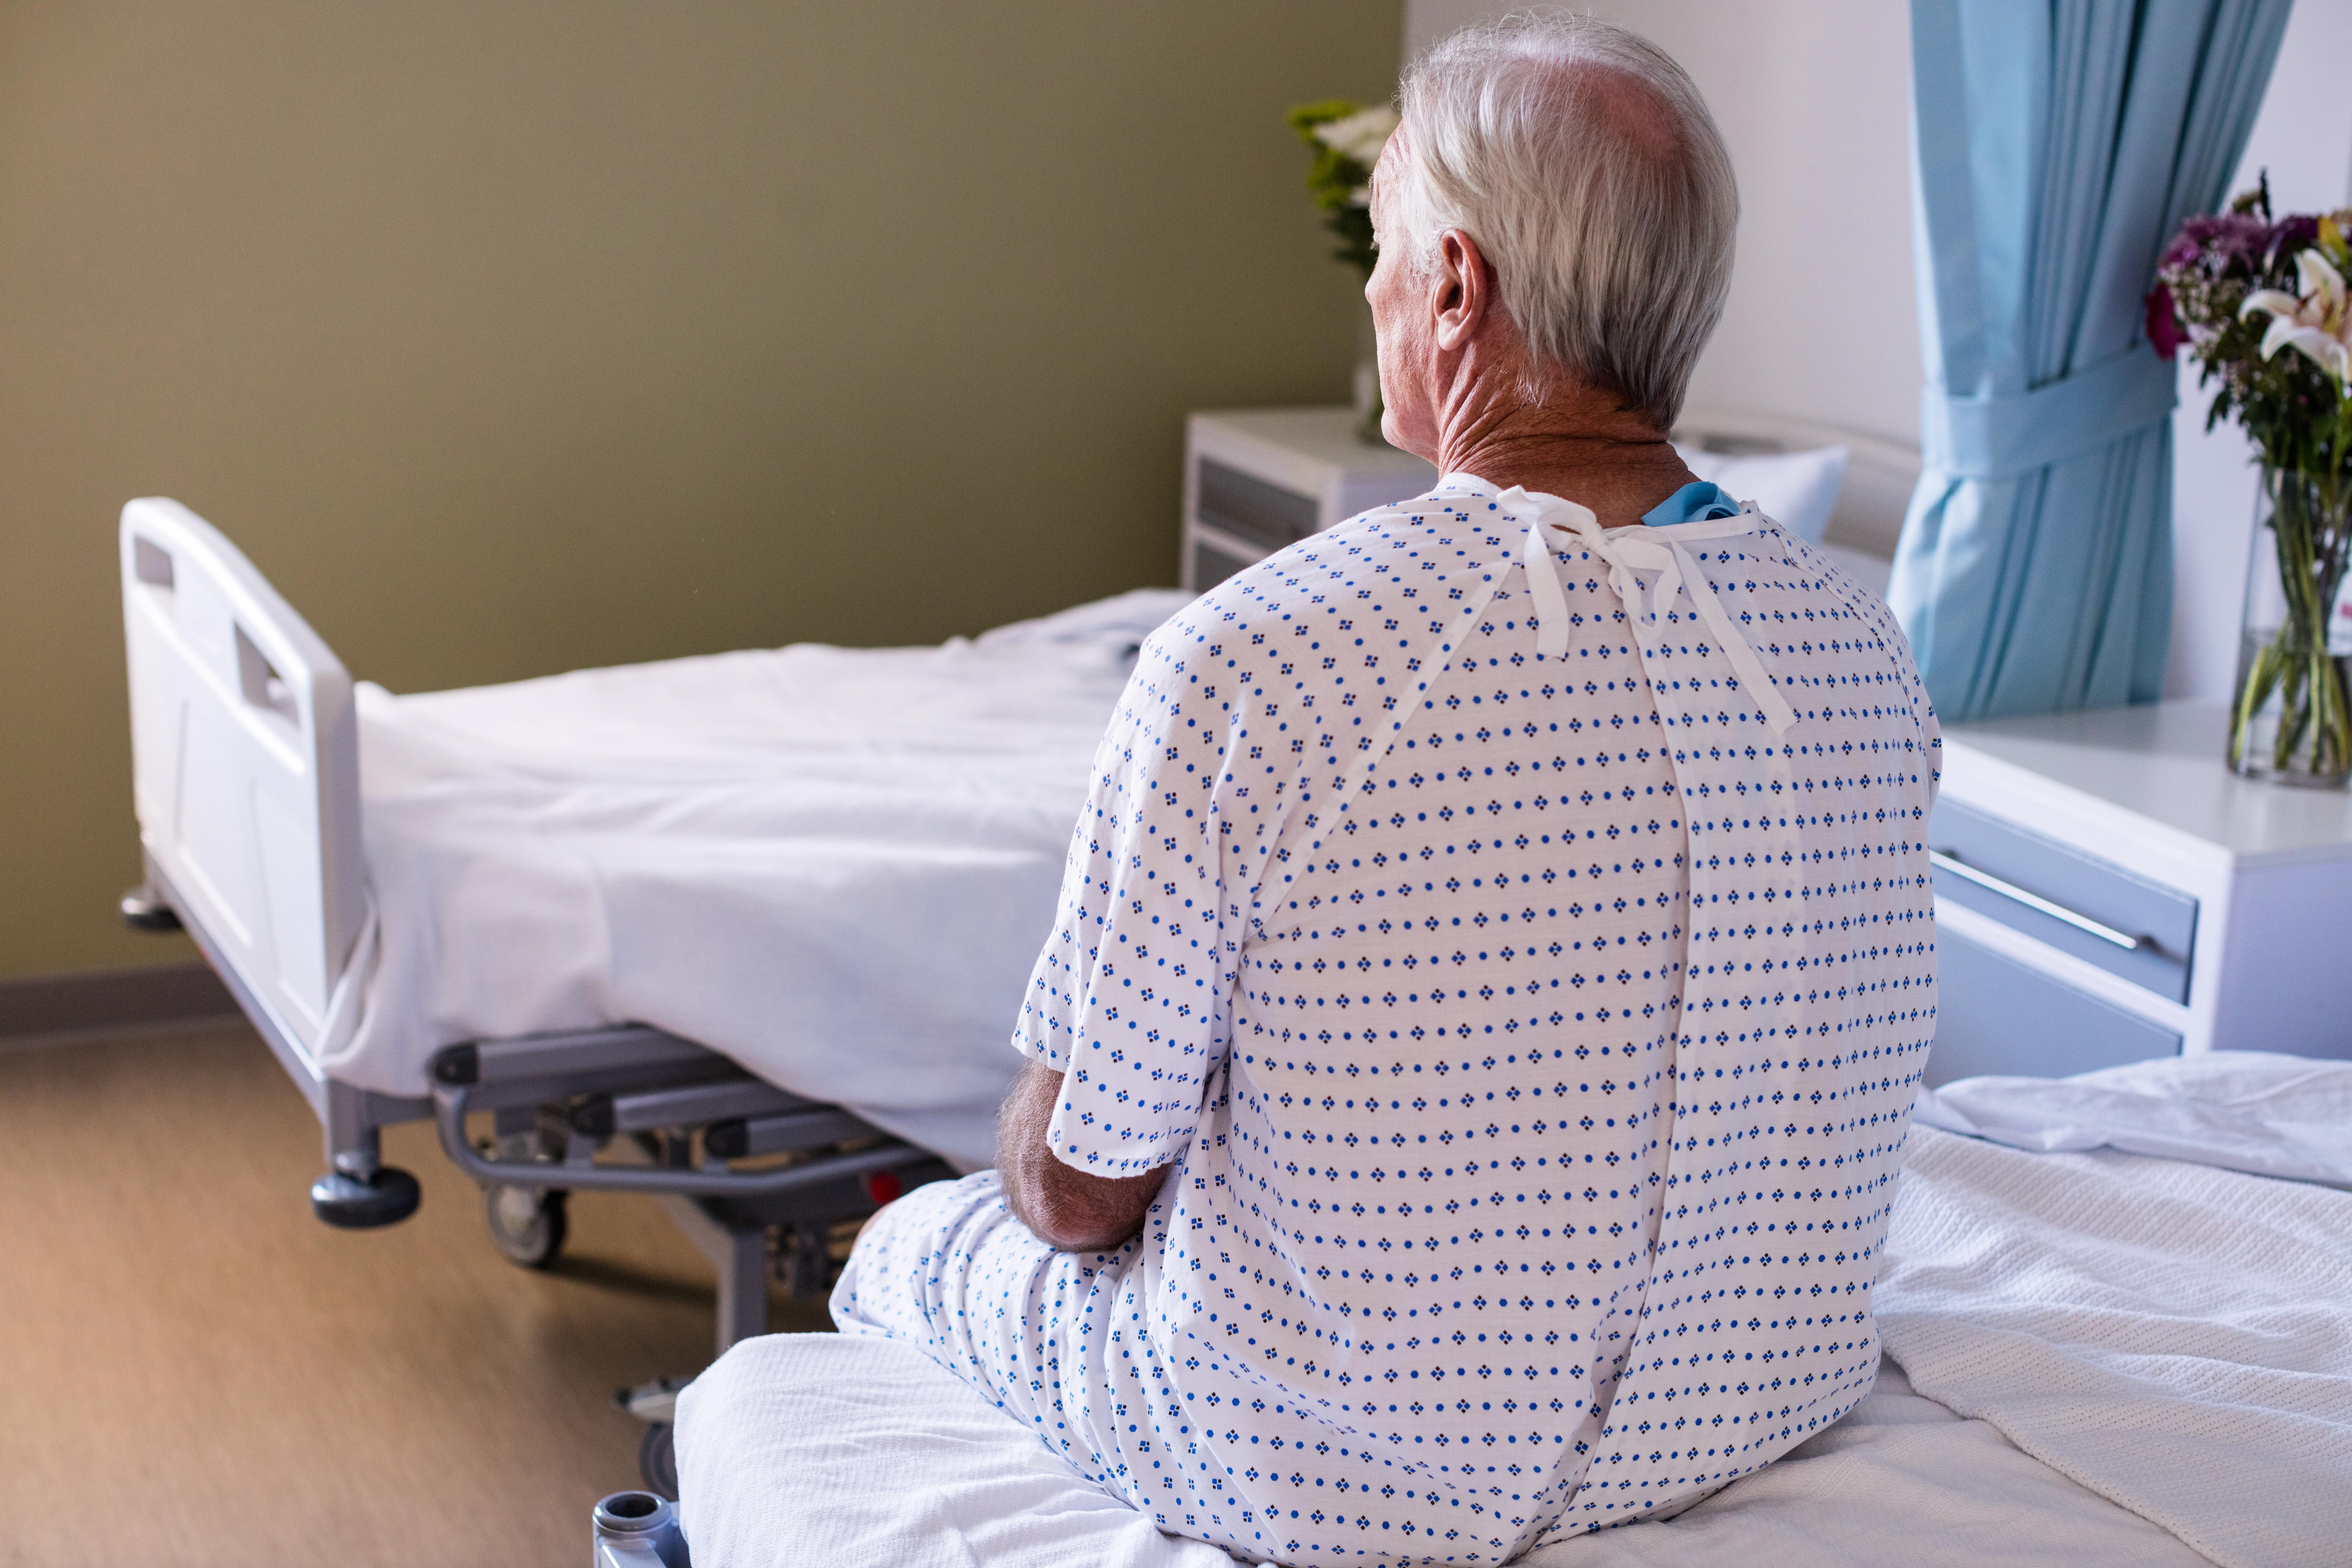 Paciente con Síndrome de inmovilidad